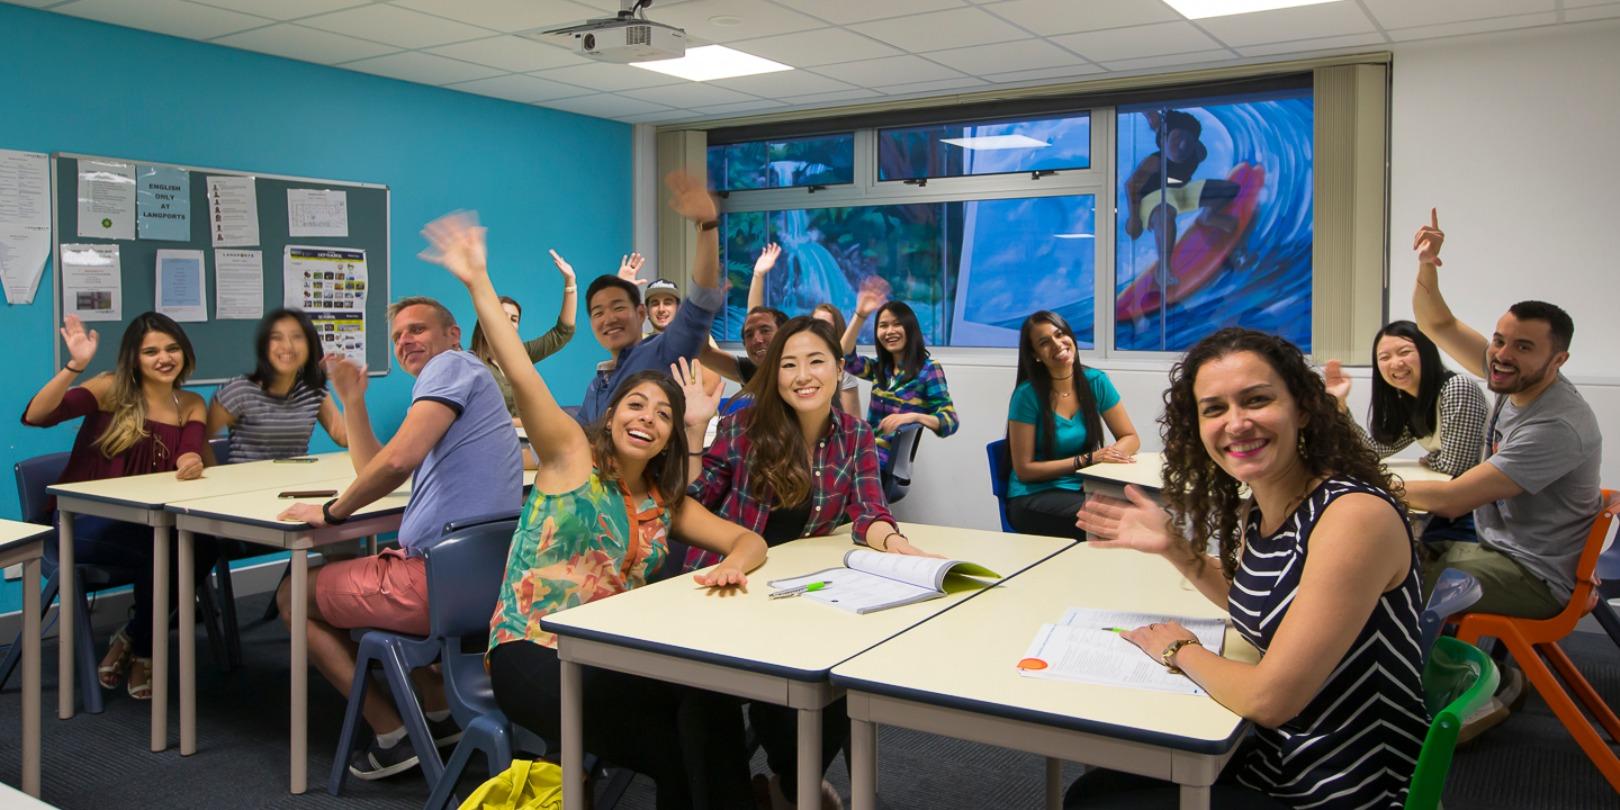 ISI国際学院 ジュニア 高校生の短期留学 オーストラリア 英語学習 UFOENGLISH ブリスベン ゴールドコースト シドニー サマーキャンプ インターナショナルスチューデント クラスメイト 教室 クラスルーム